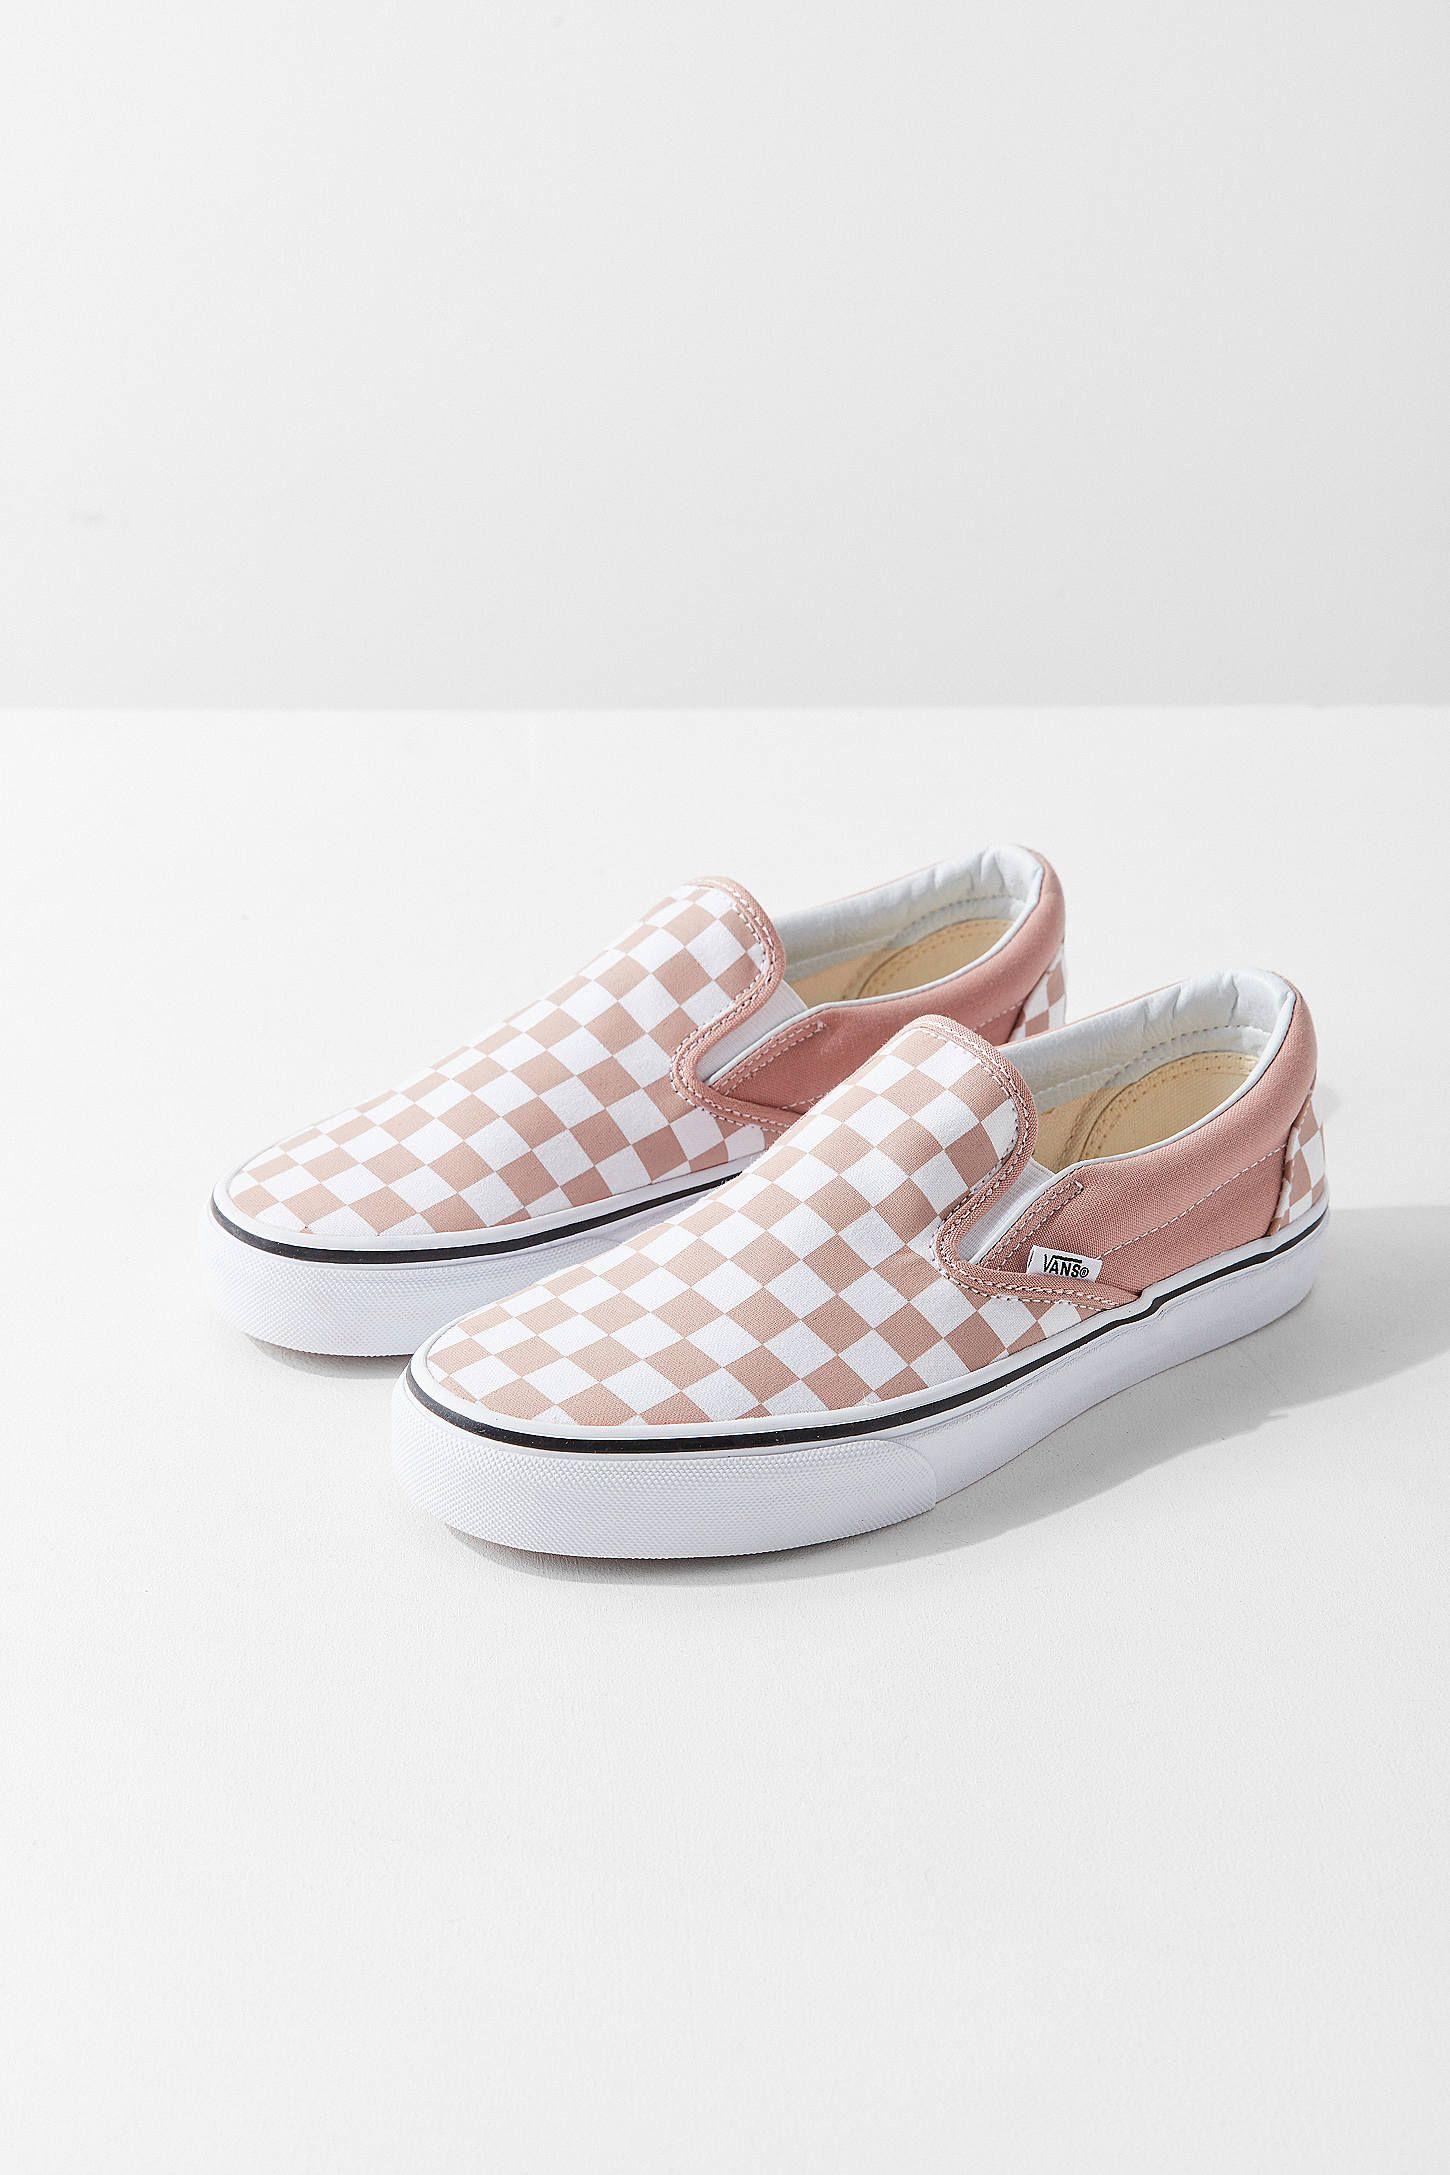 Vans Checkerboard Slip-On Sneaker in